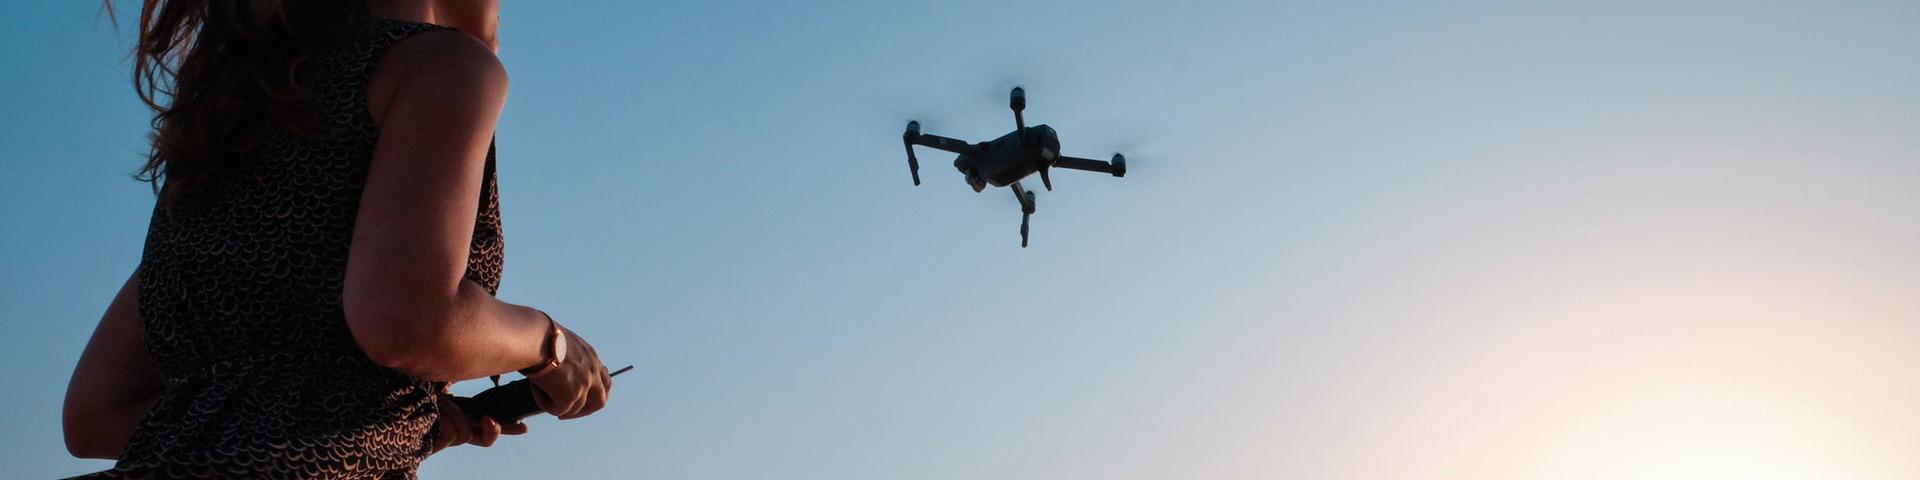 pilotatge_drons_cap_ceina-1